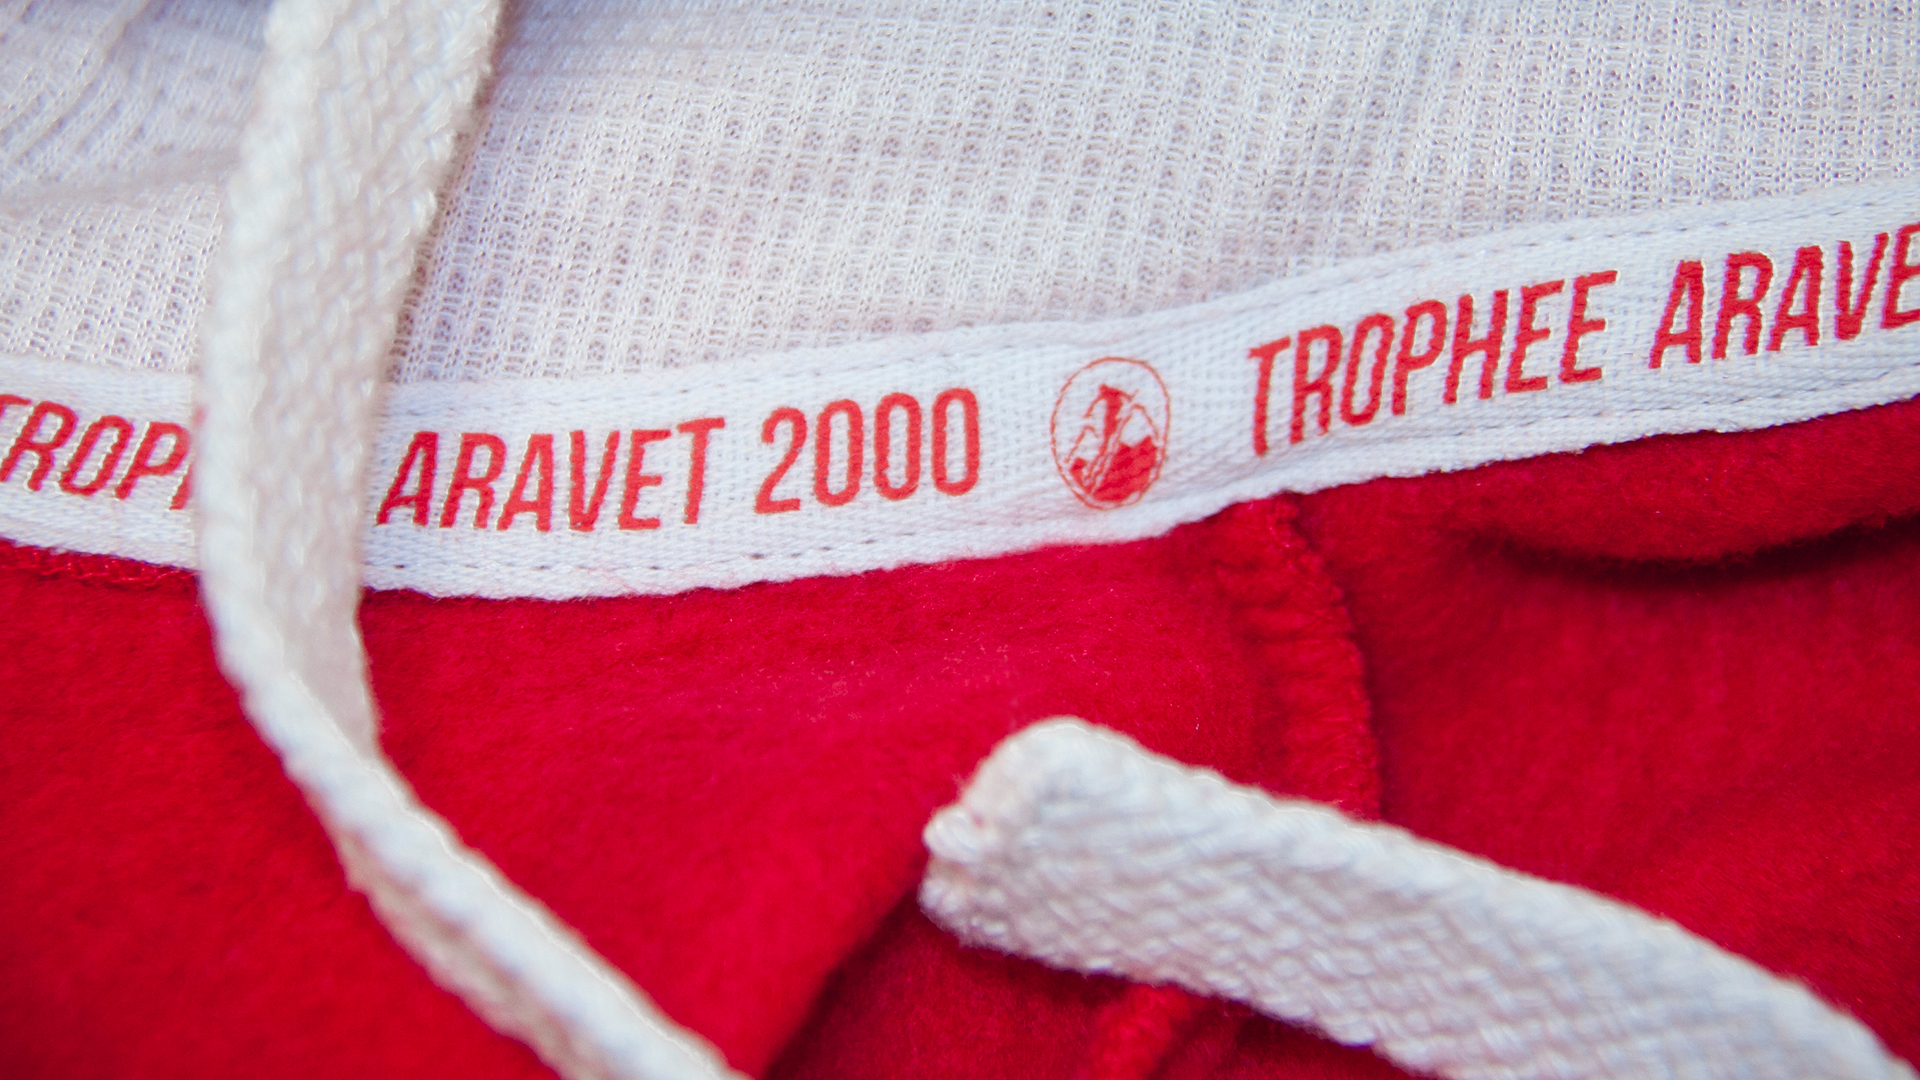 Armaçao design   trophée de l'aravet 2000   serre chevalier ...